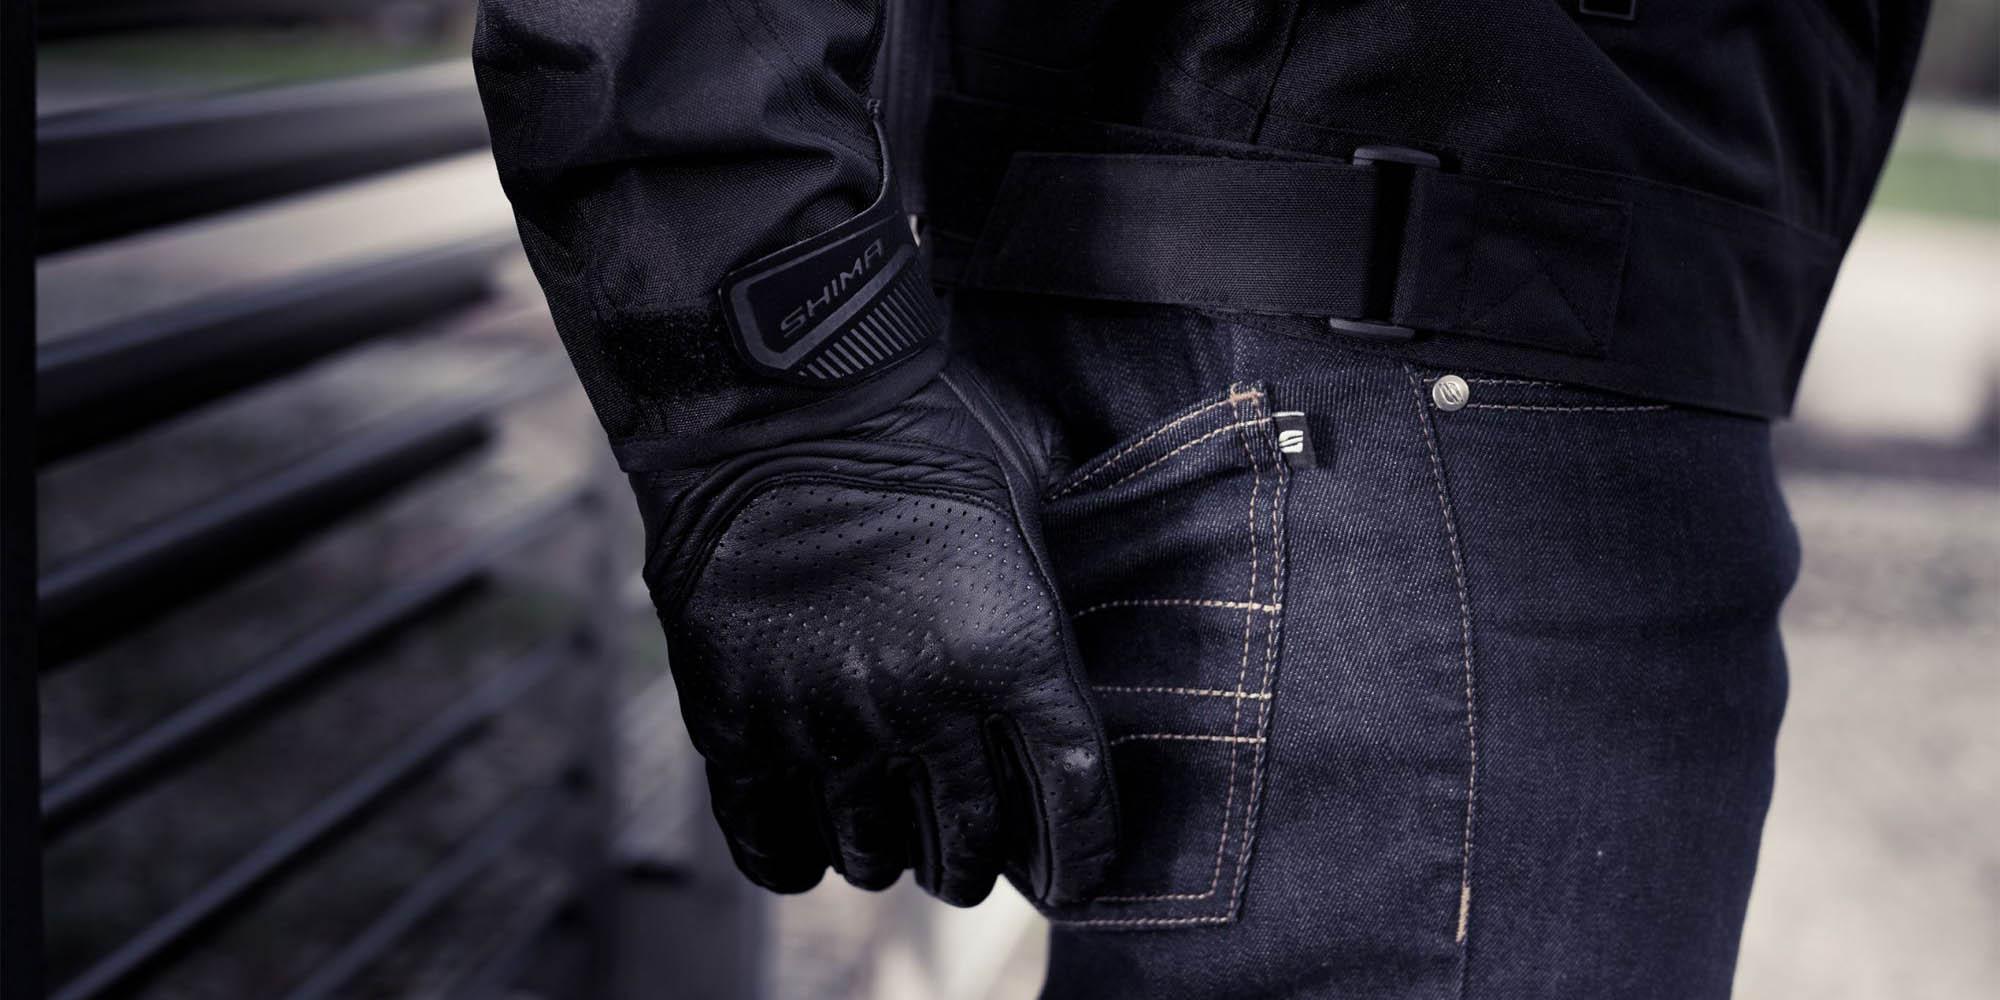 SHIMA BULLET мотоциклетные перчатки из кожи, вид карман купить по низкой цене